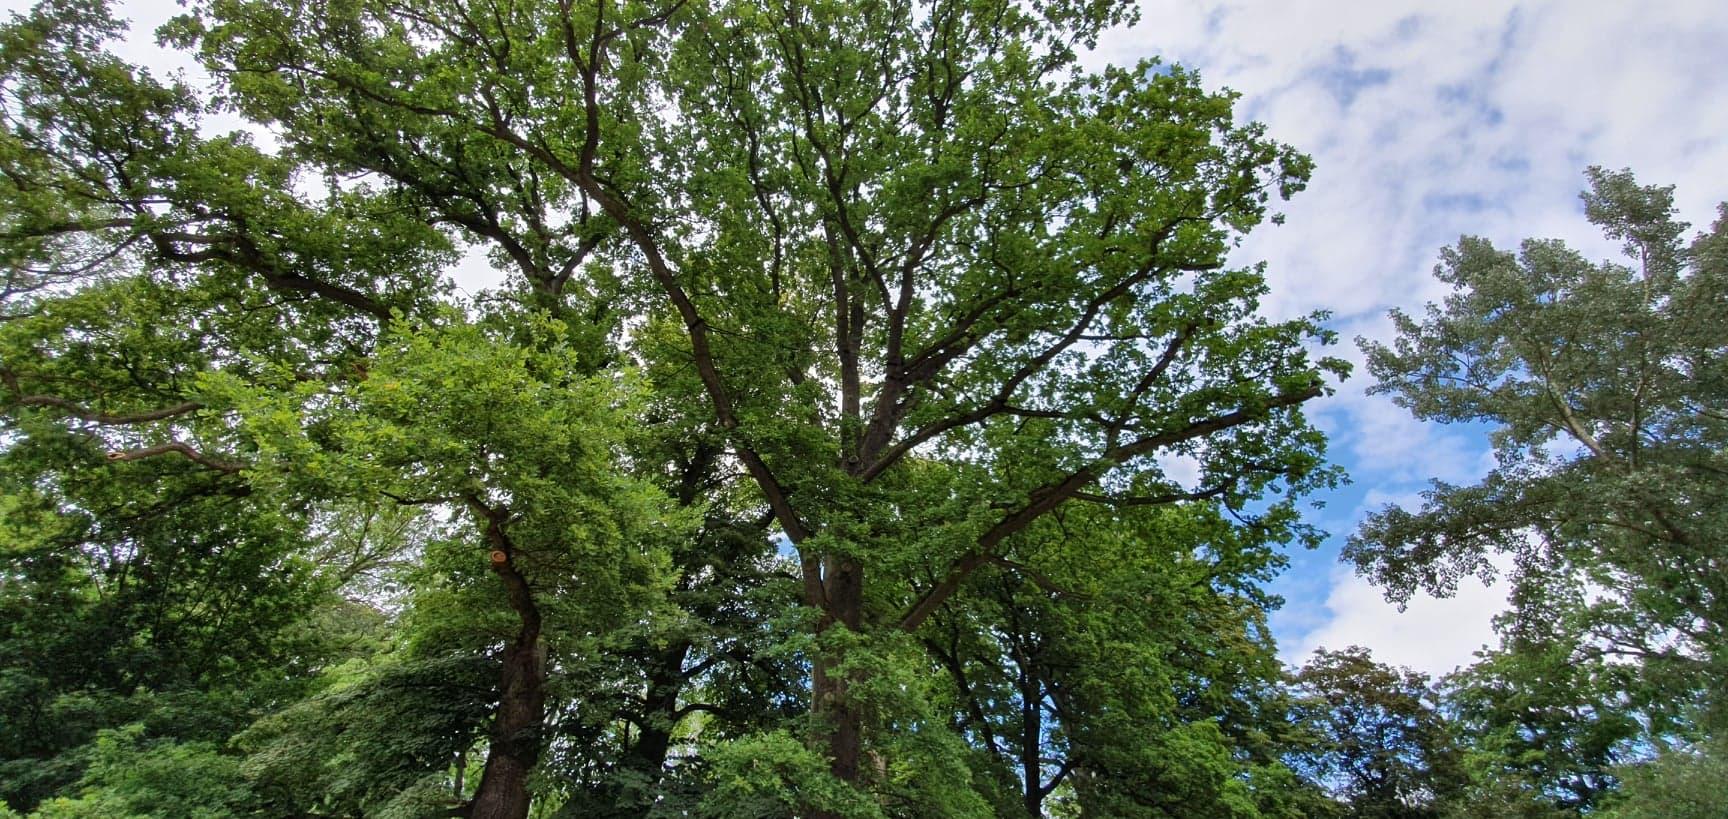 Skrócenie wygonionych gałęzi